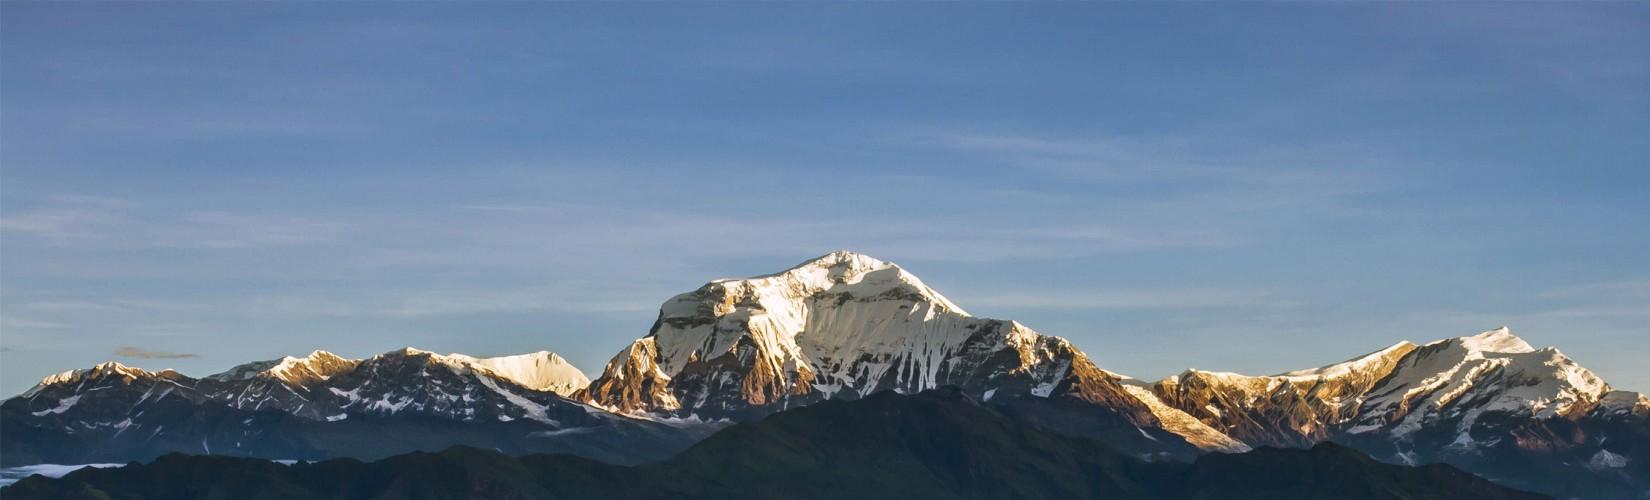 Round Mt. Dhaulagiri Trek